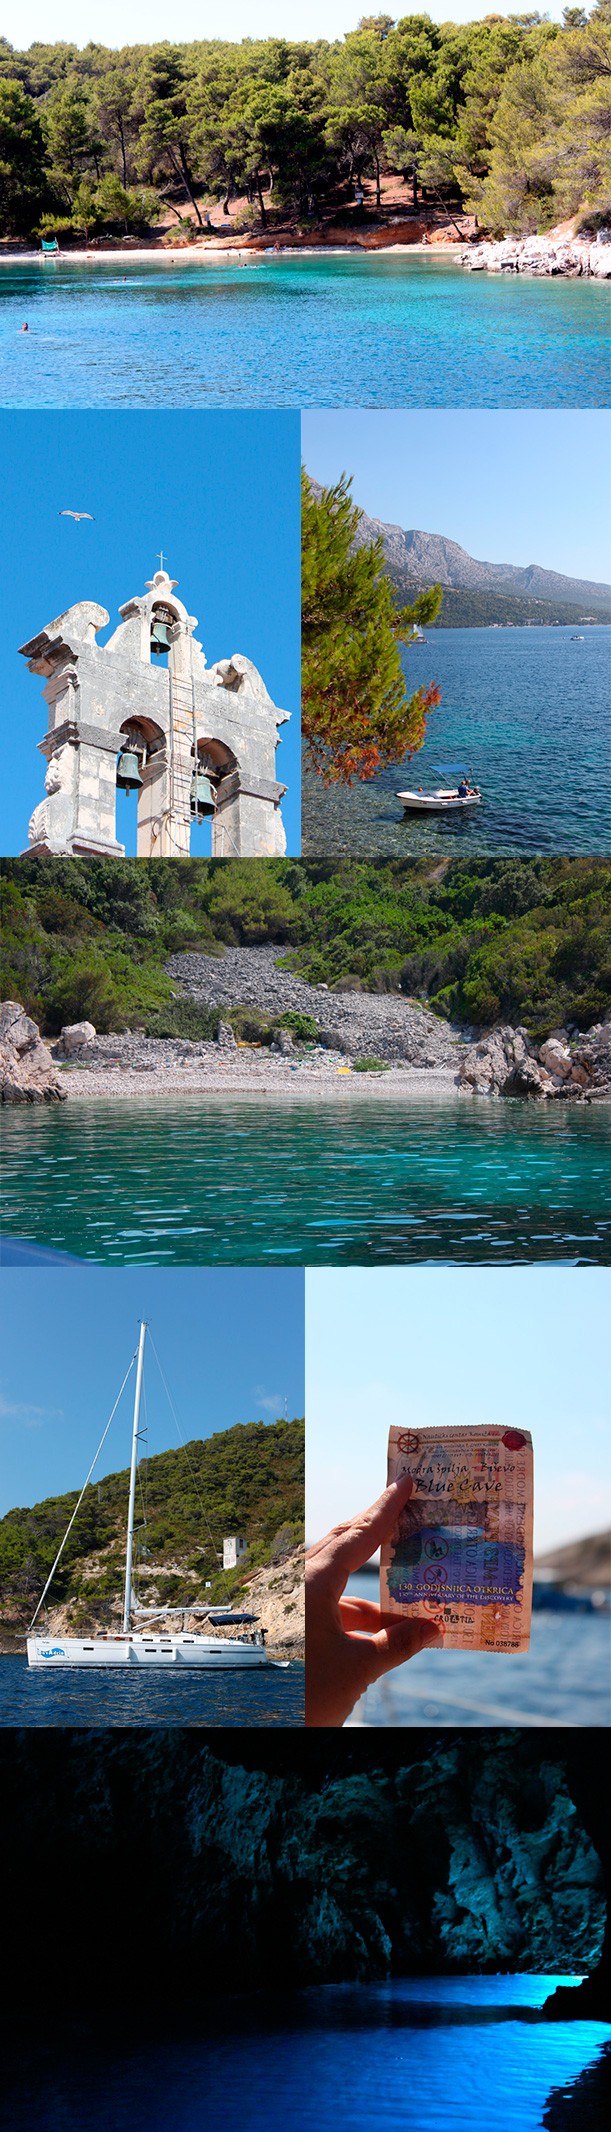 Mónica_López_Croacia_Collage_3